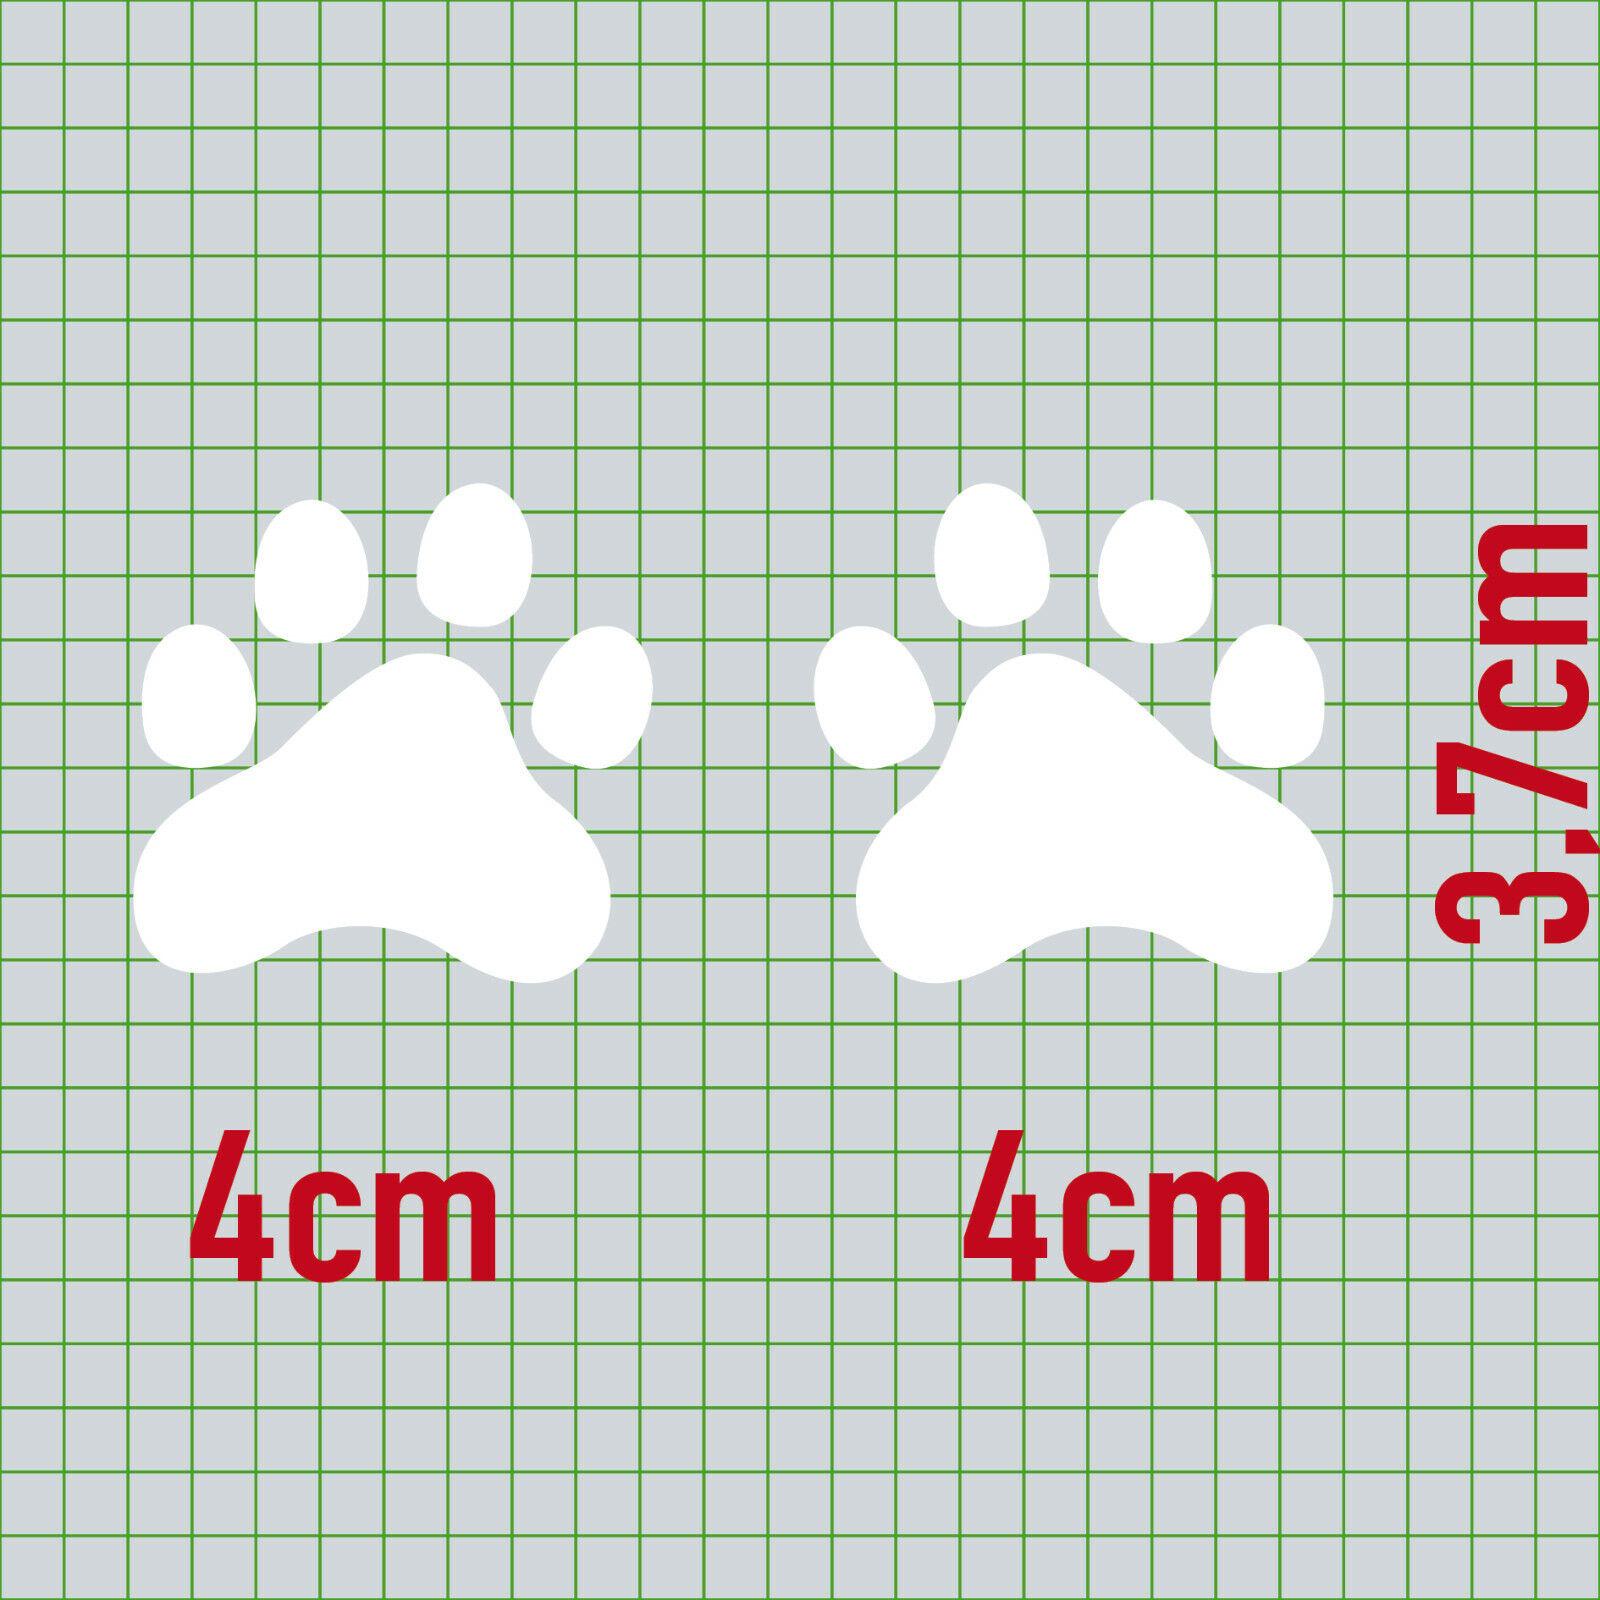 10 Pfötchen Weiß Pfote 4cm Hund Katze Tatzen Spur Napf Auto Aufkleber Deko Folie